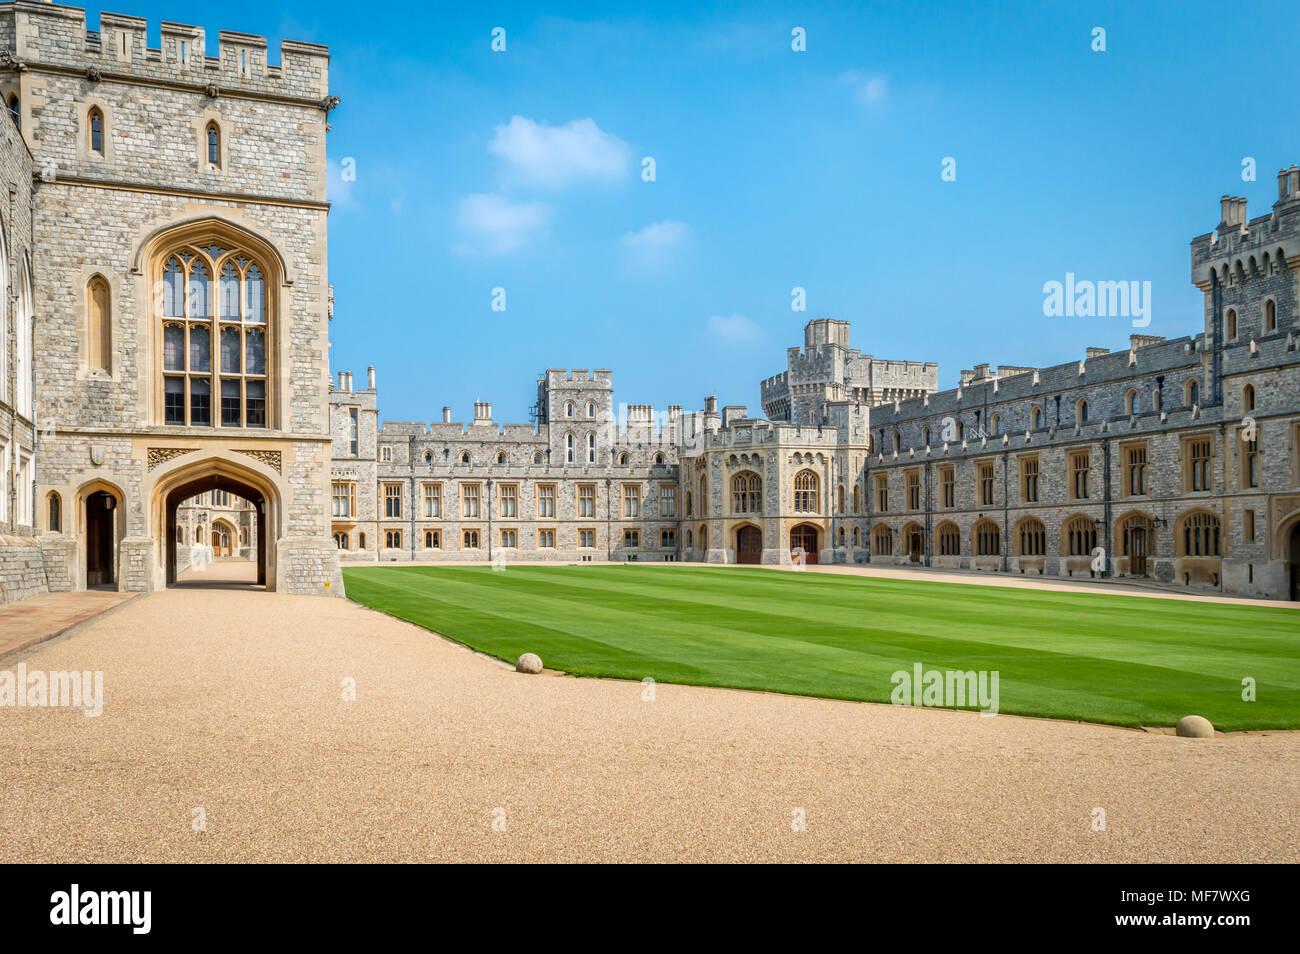 Windsor, Royaume-Uni - Mai 05, 2016: Avis de la Ward (Quadrangle) à l'époque médiévale du château de Windsor. Le Château de Windsor est une résidence royale à Windsor en Photo Stock